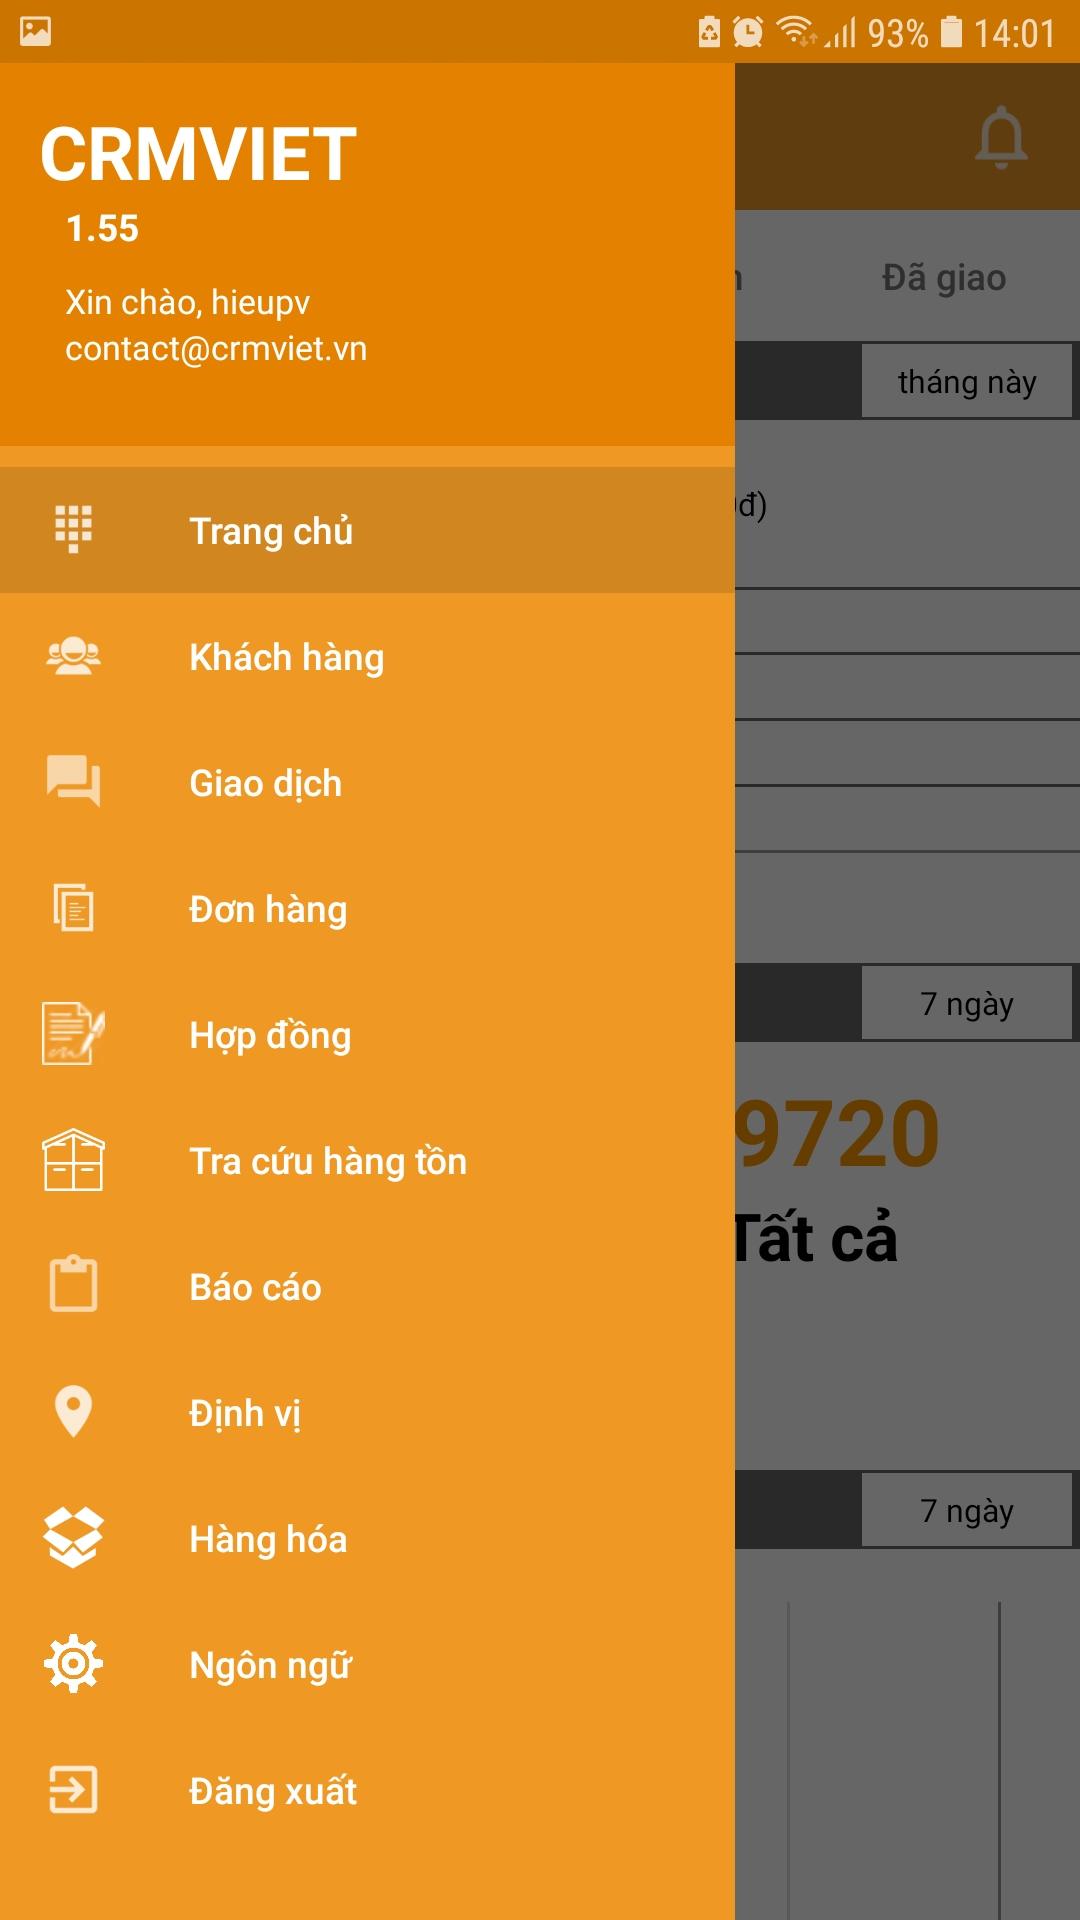 Giao diện tính năng mobile app crmviet